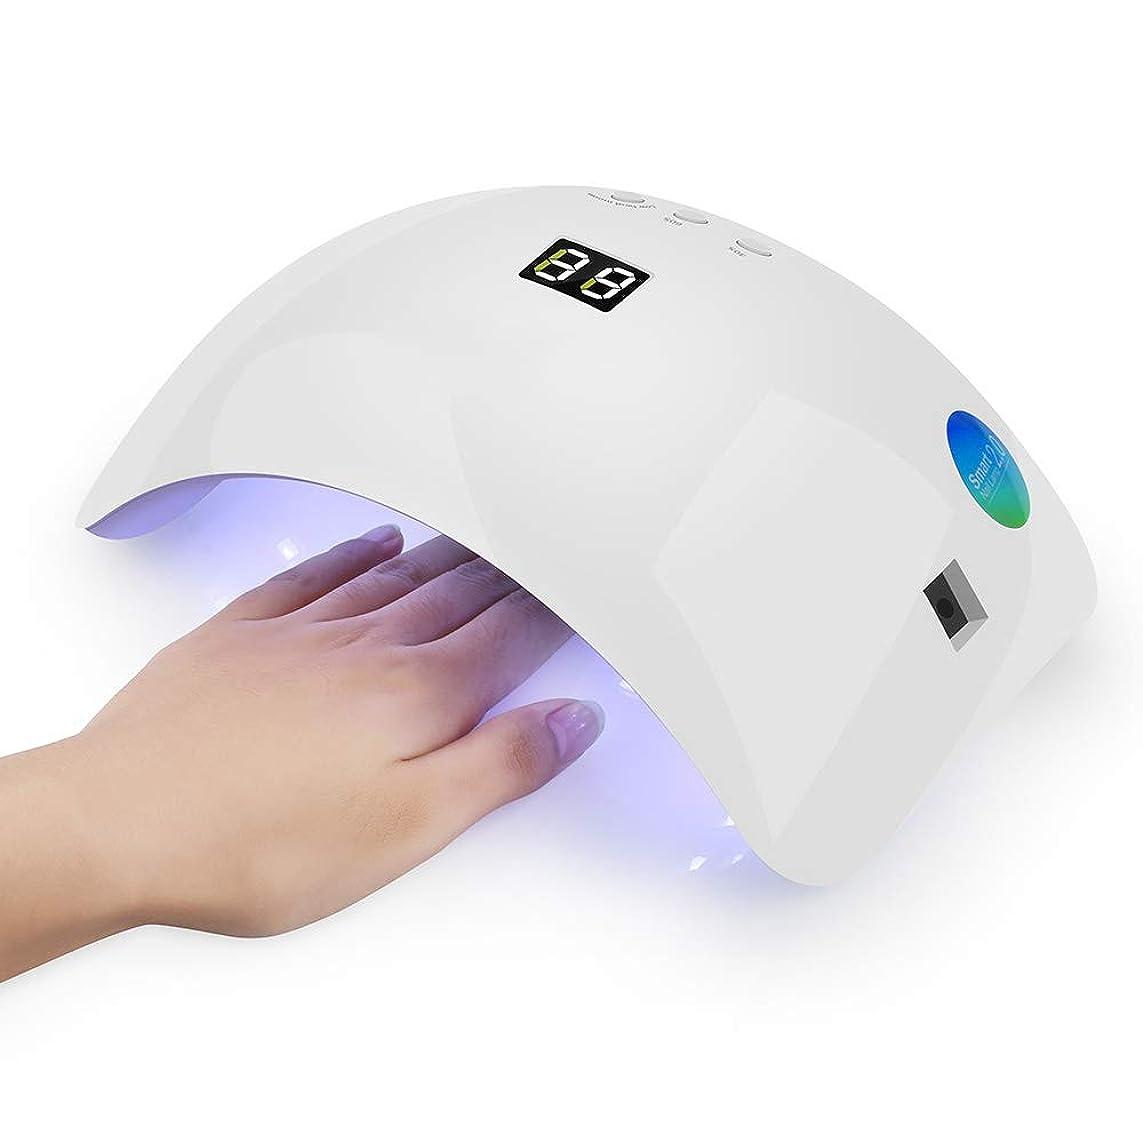 マトン否認する大声で3つのタイマーの設定が付いているゲルの磨くニスのための48W の爪のドライヤー21の戦略的配置は完全な大広間用具の紫外線 LED の釘ライトを導きました